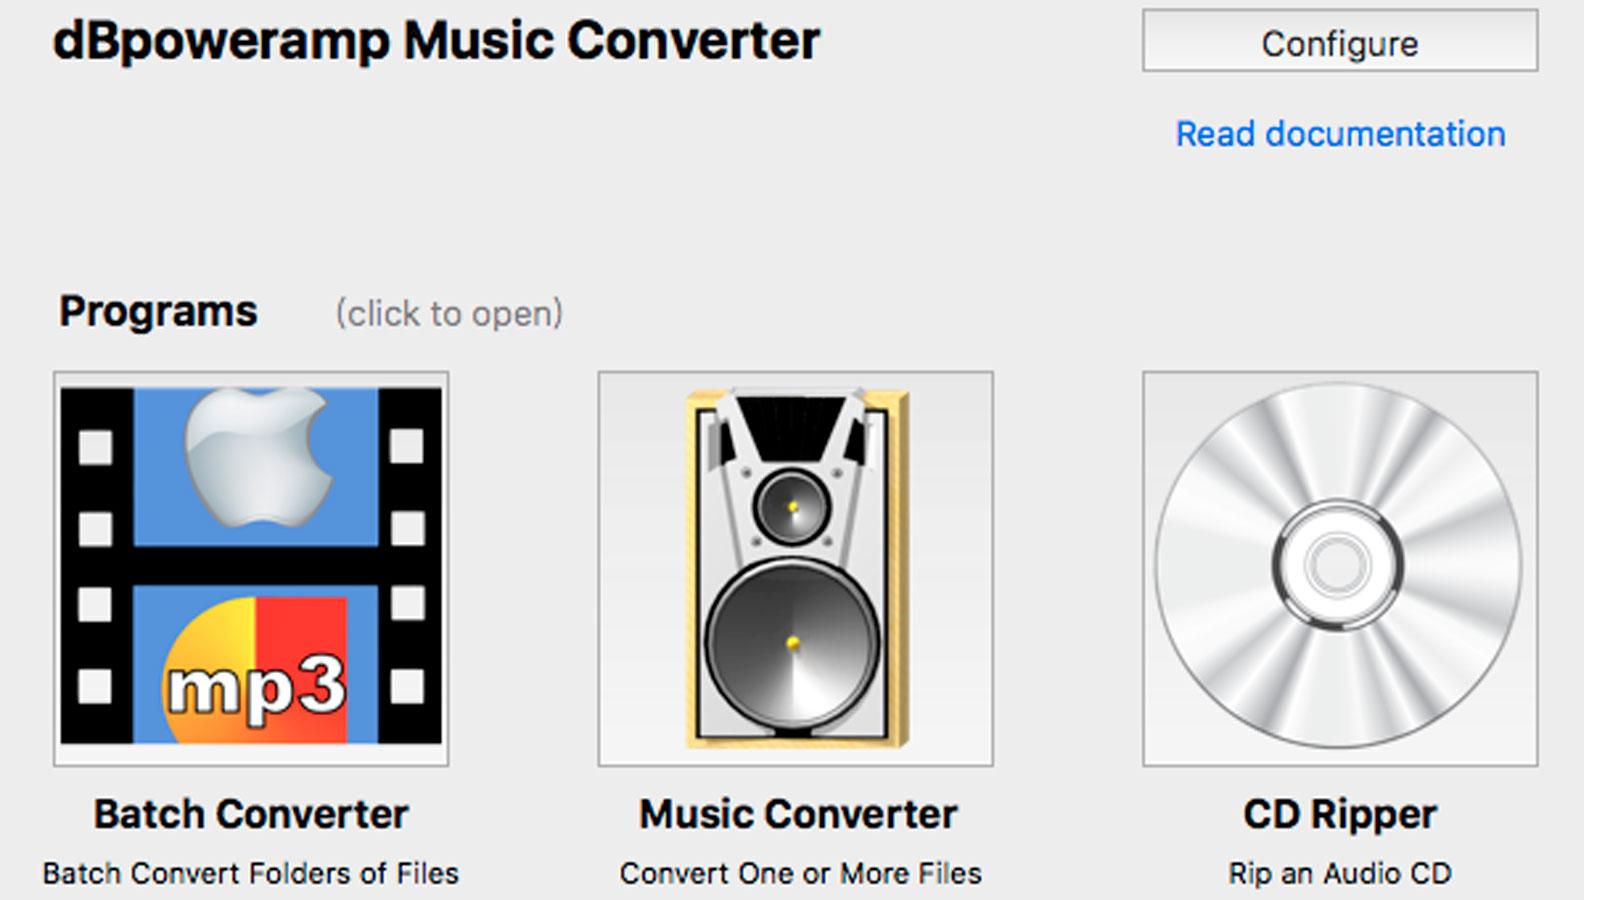 Dbpoweramp music converter 16. 5 descargar para pc gratis.